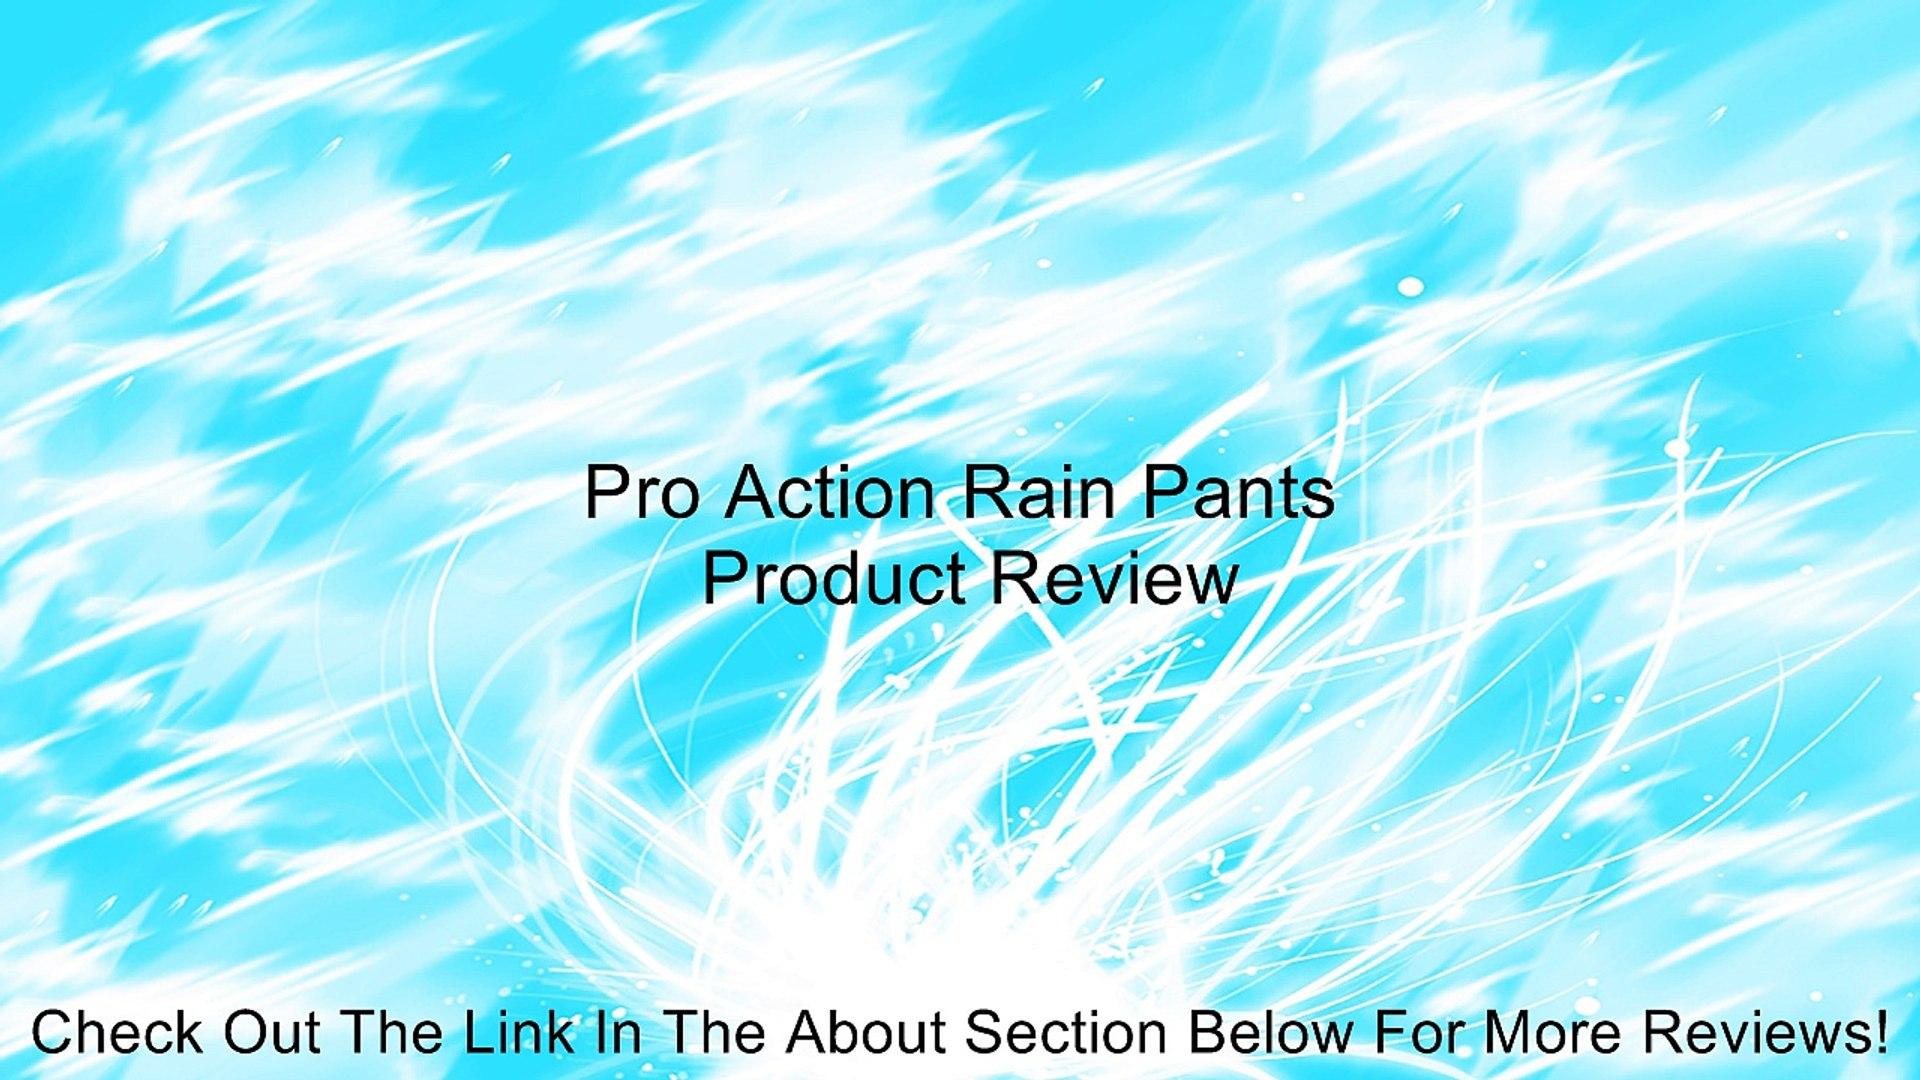 Pro Action Rain Pants Review